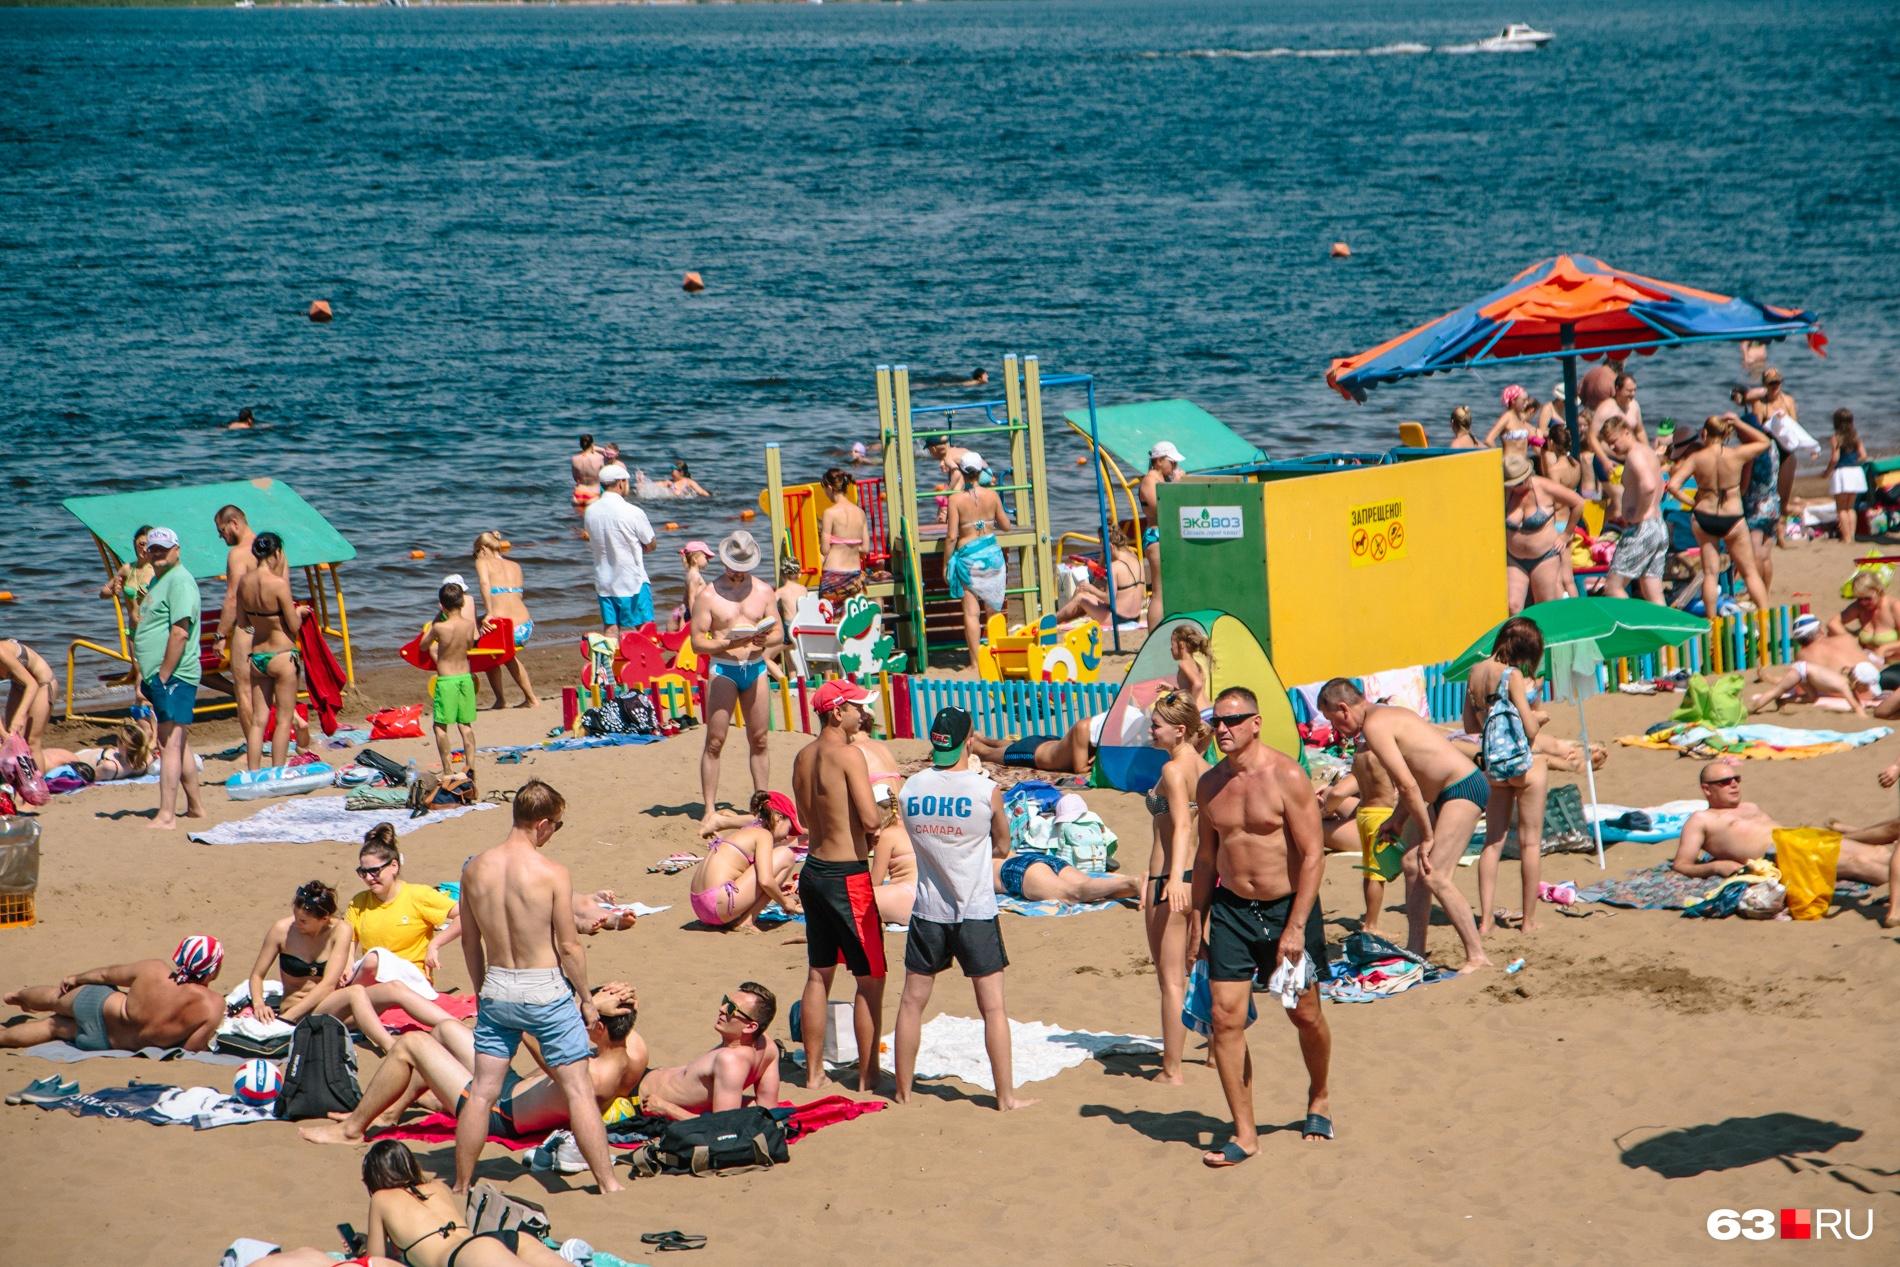 Стремясь скорее загореть, жители Поволжья готовы проводить на пляже дни напролет